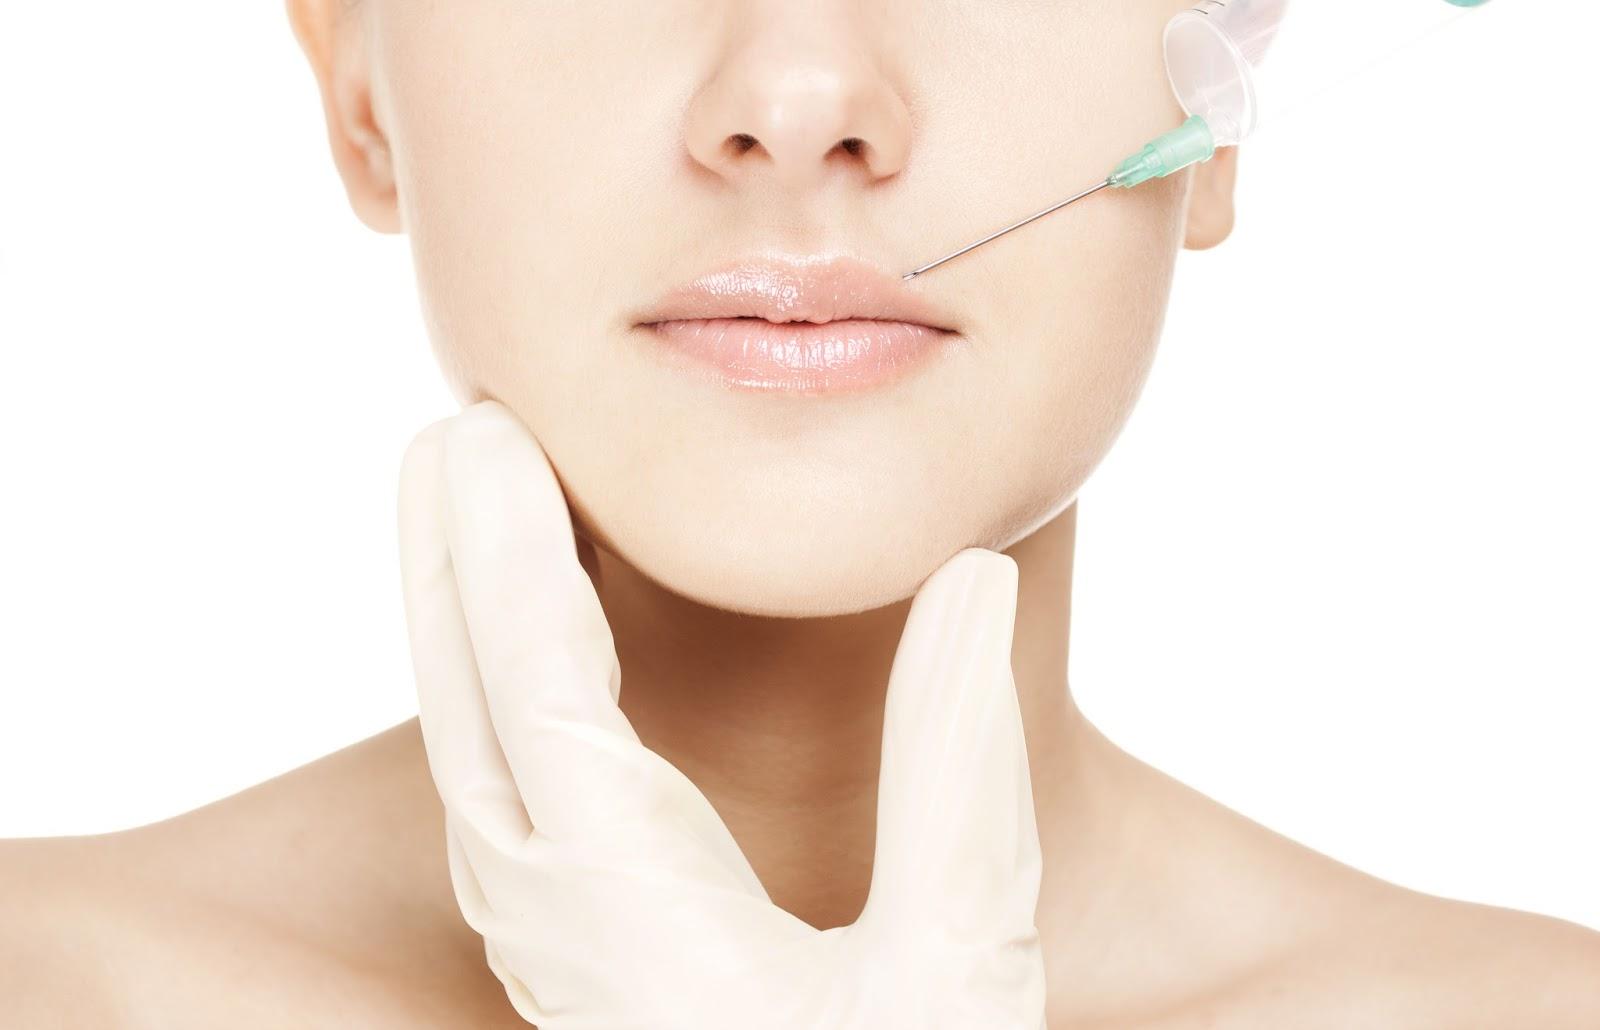 Augmentation et correction des lèvres